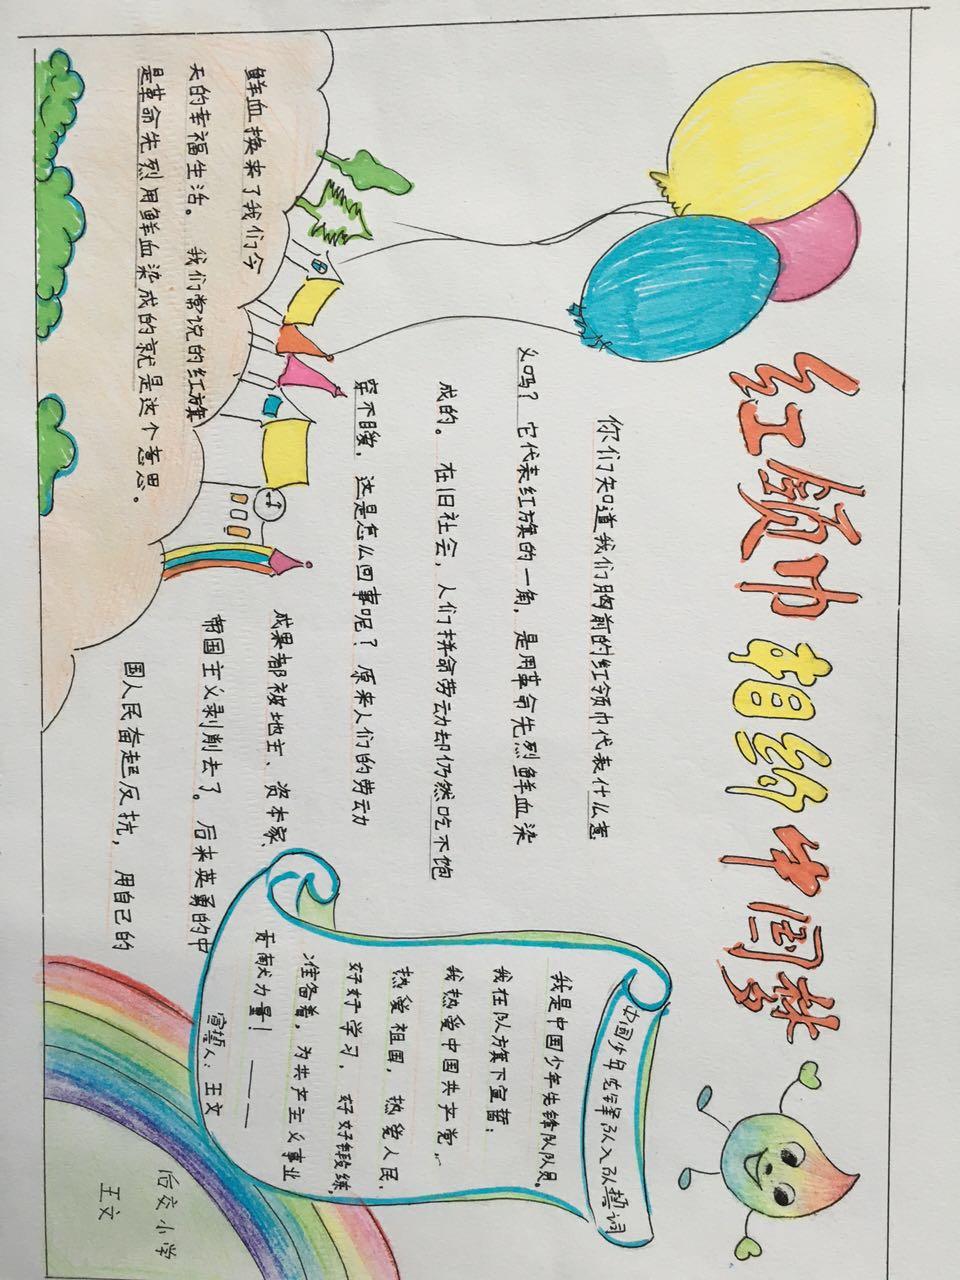 手抄报 - 儿童节创意游戏设计 - 活动 - 未来网红领巾